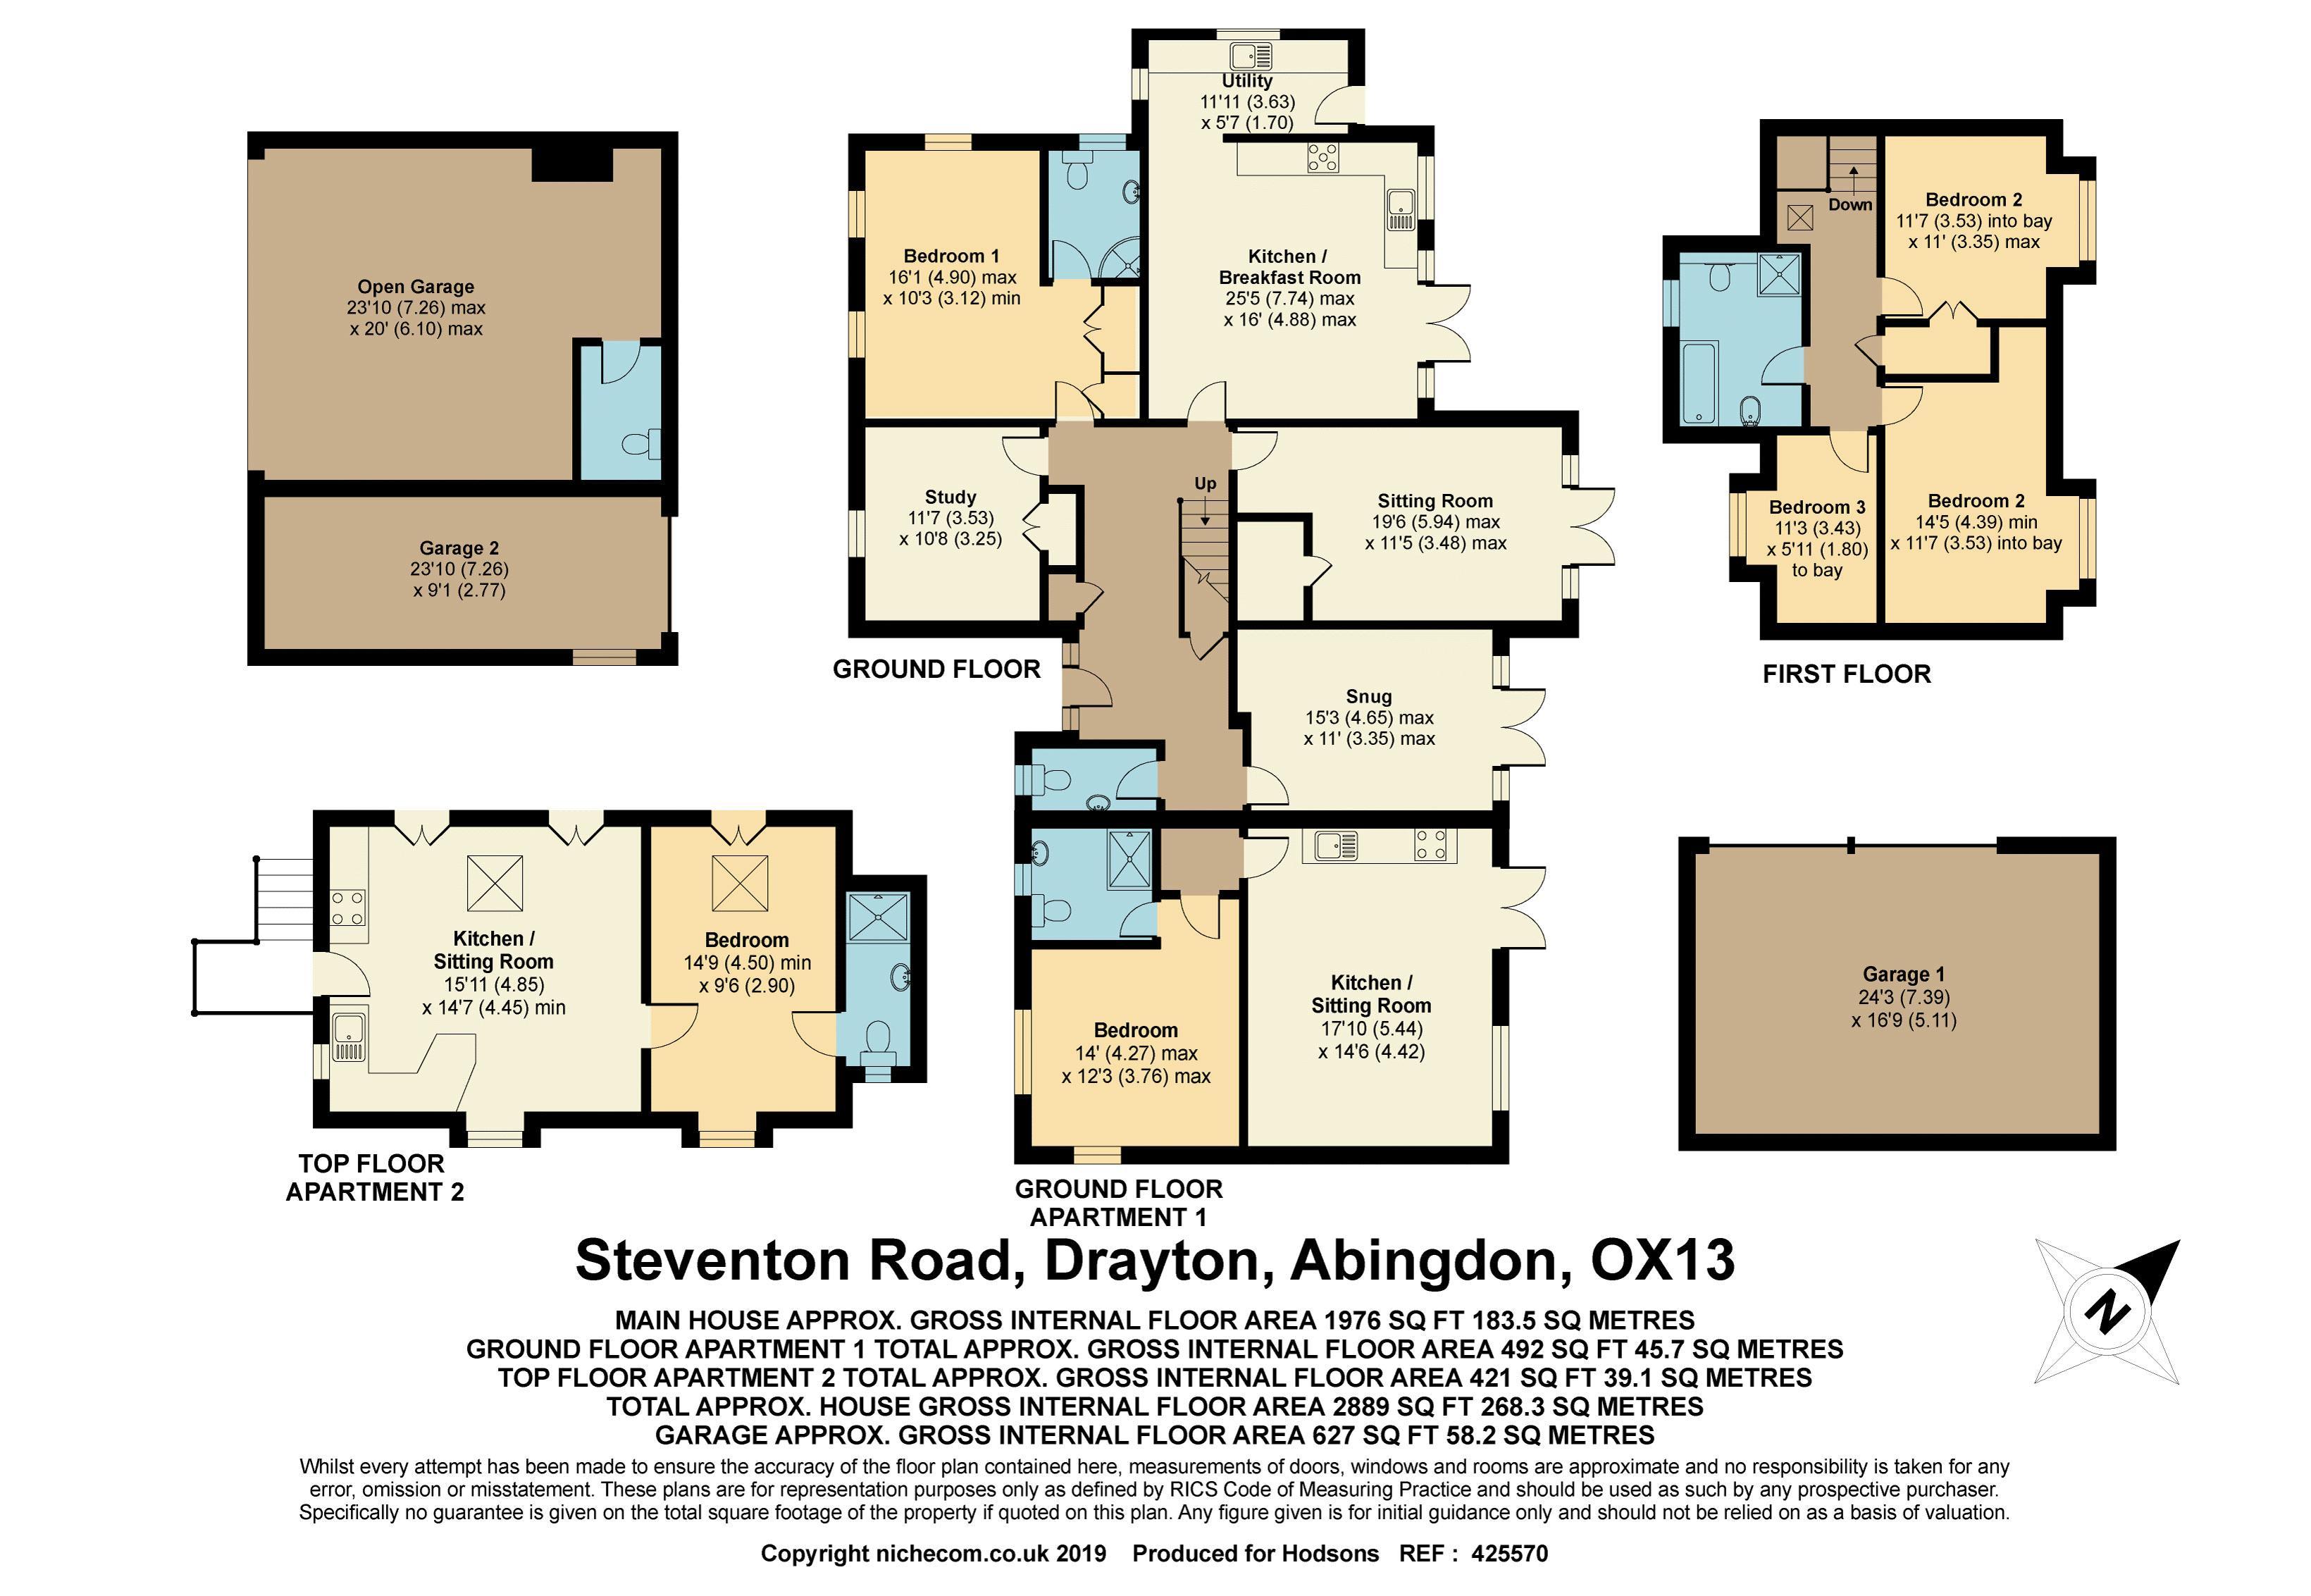 208 Steventon Road Drayton